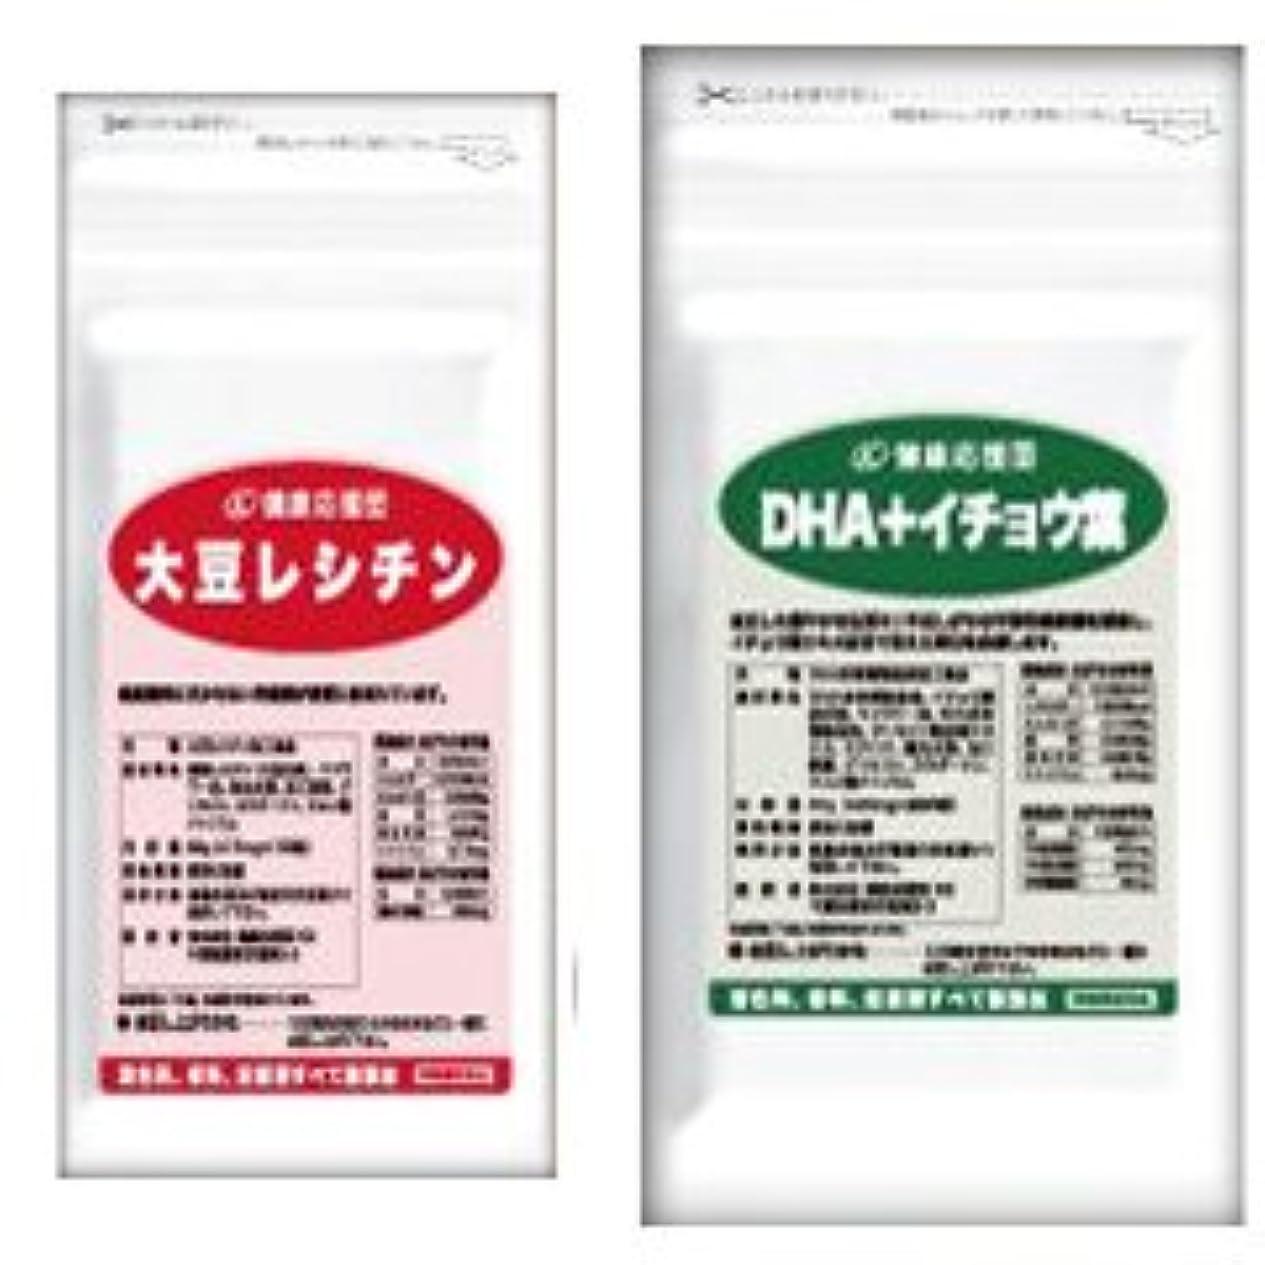 怒りガラス透けて見える流れサラサラセット 大豆レシチン+(DHA?EPA+イチョウ葉) お徳用12か月分